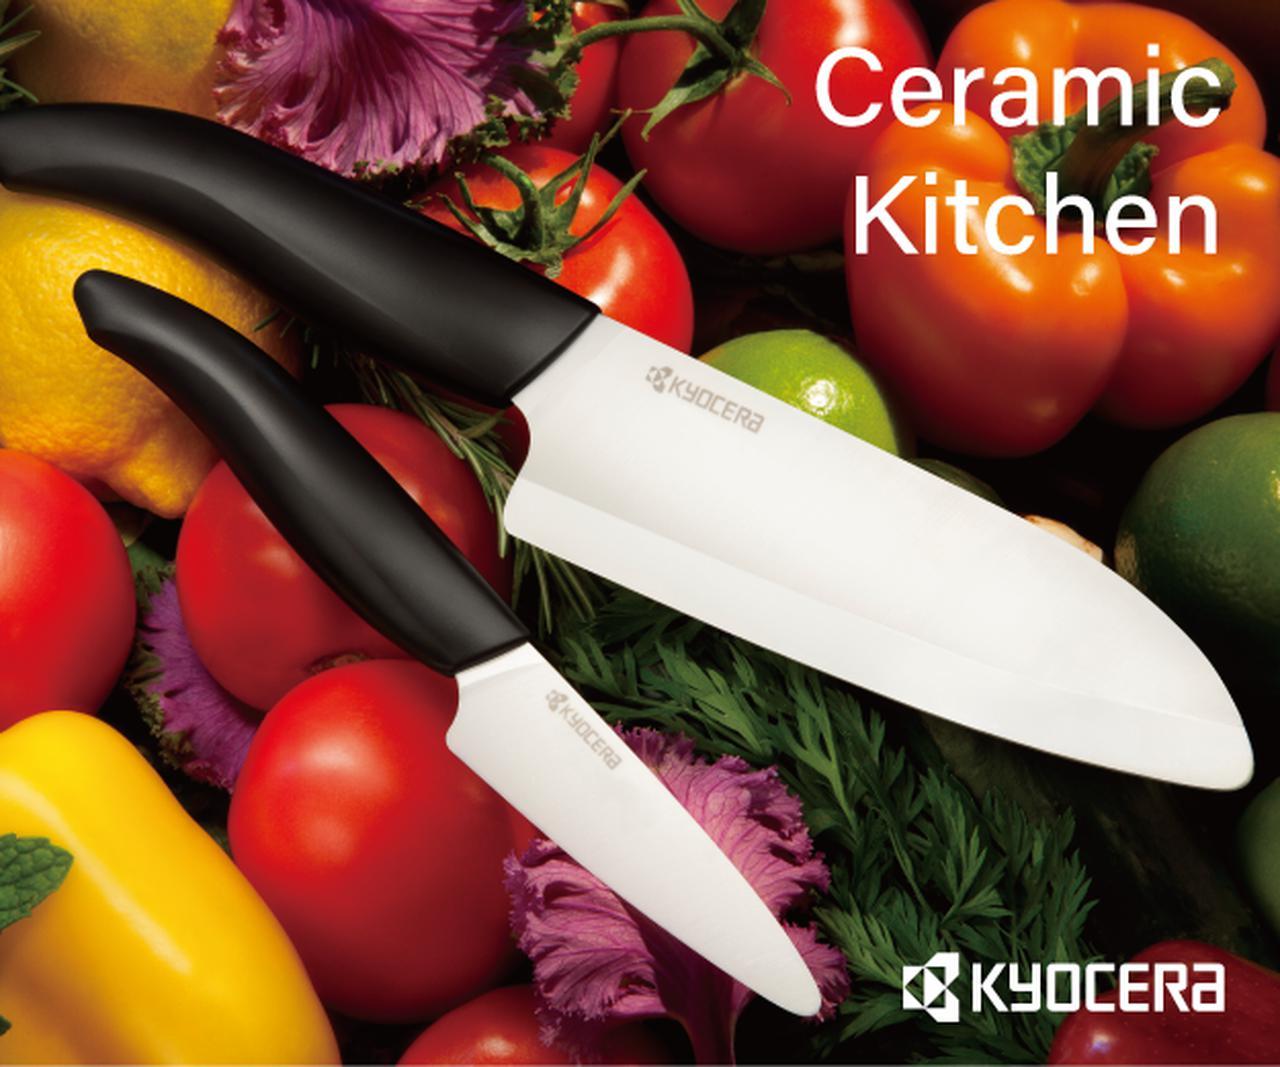 セラミックキッチン·日用品 | 京セラ